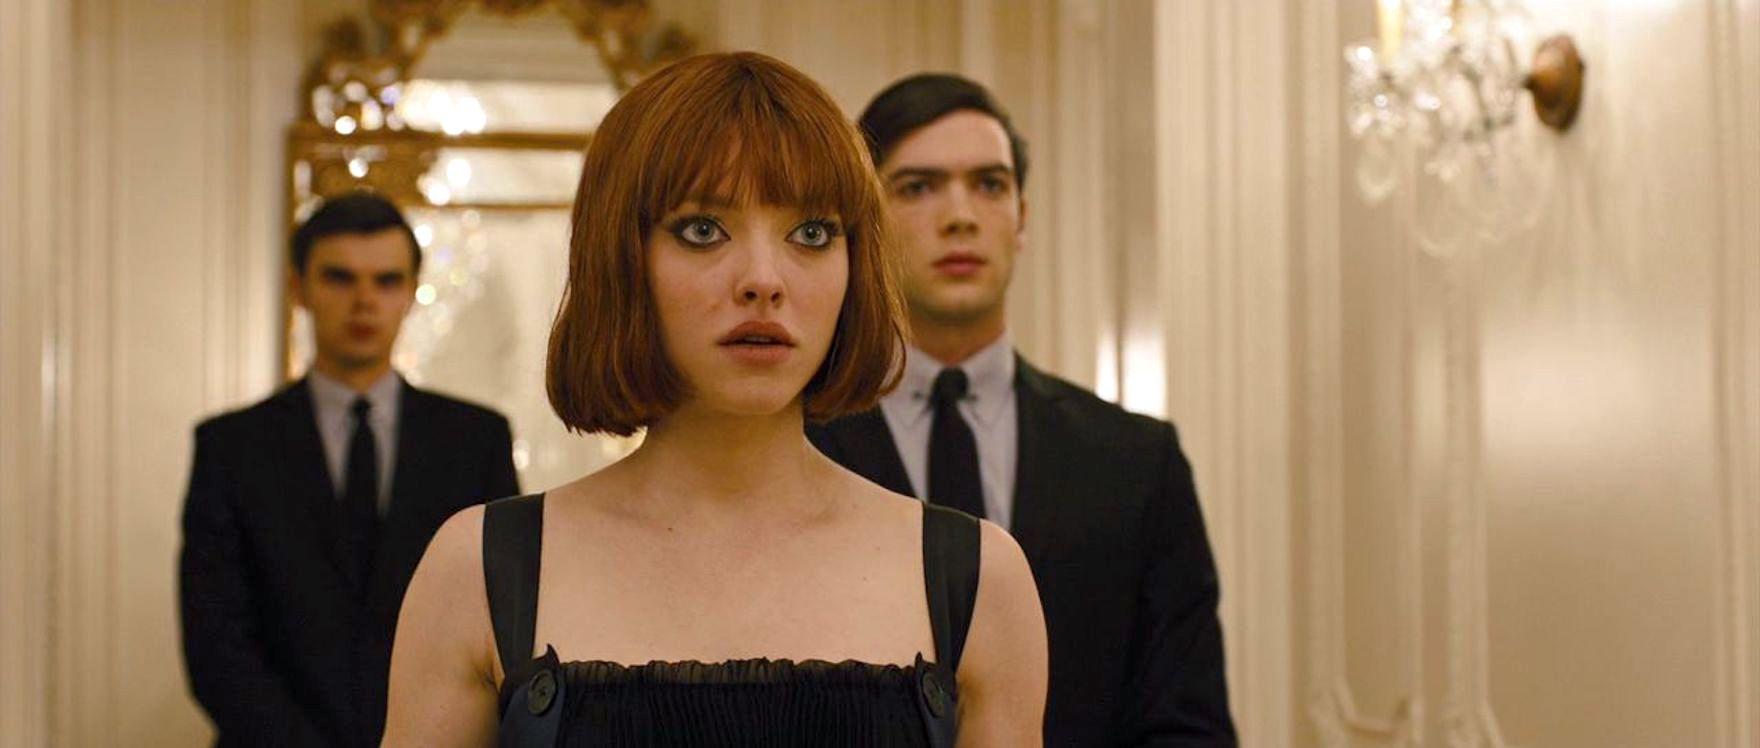 Ethan Peck dan Amanda Seyfried dalam In Time (2011)